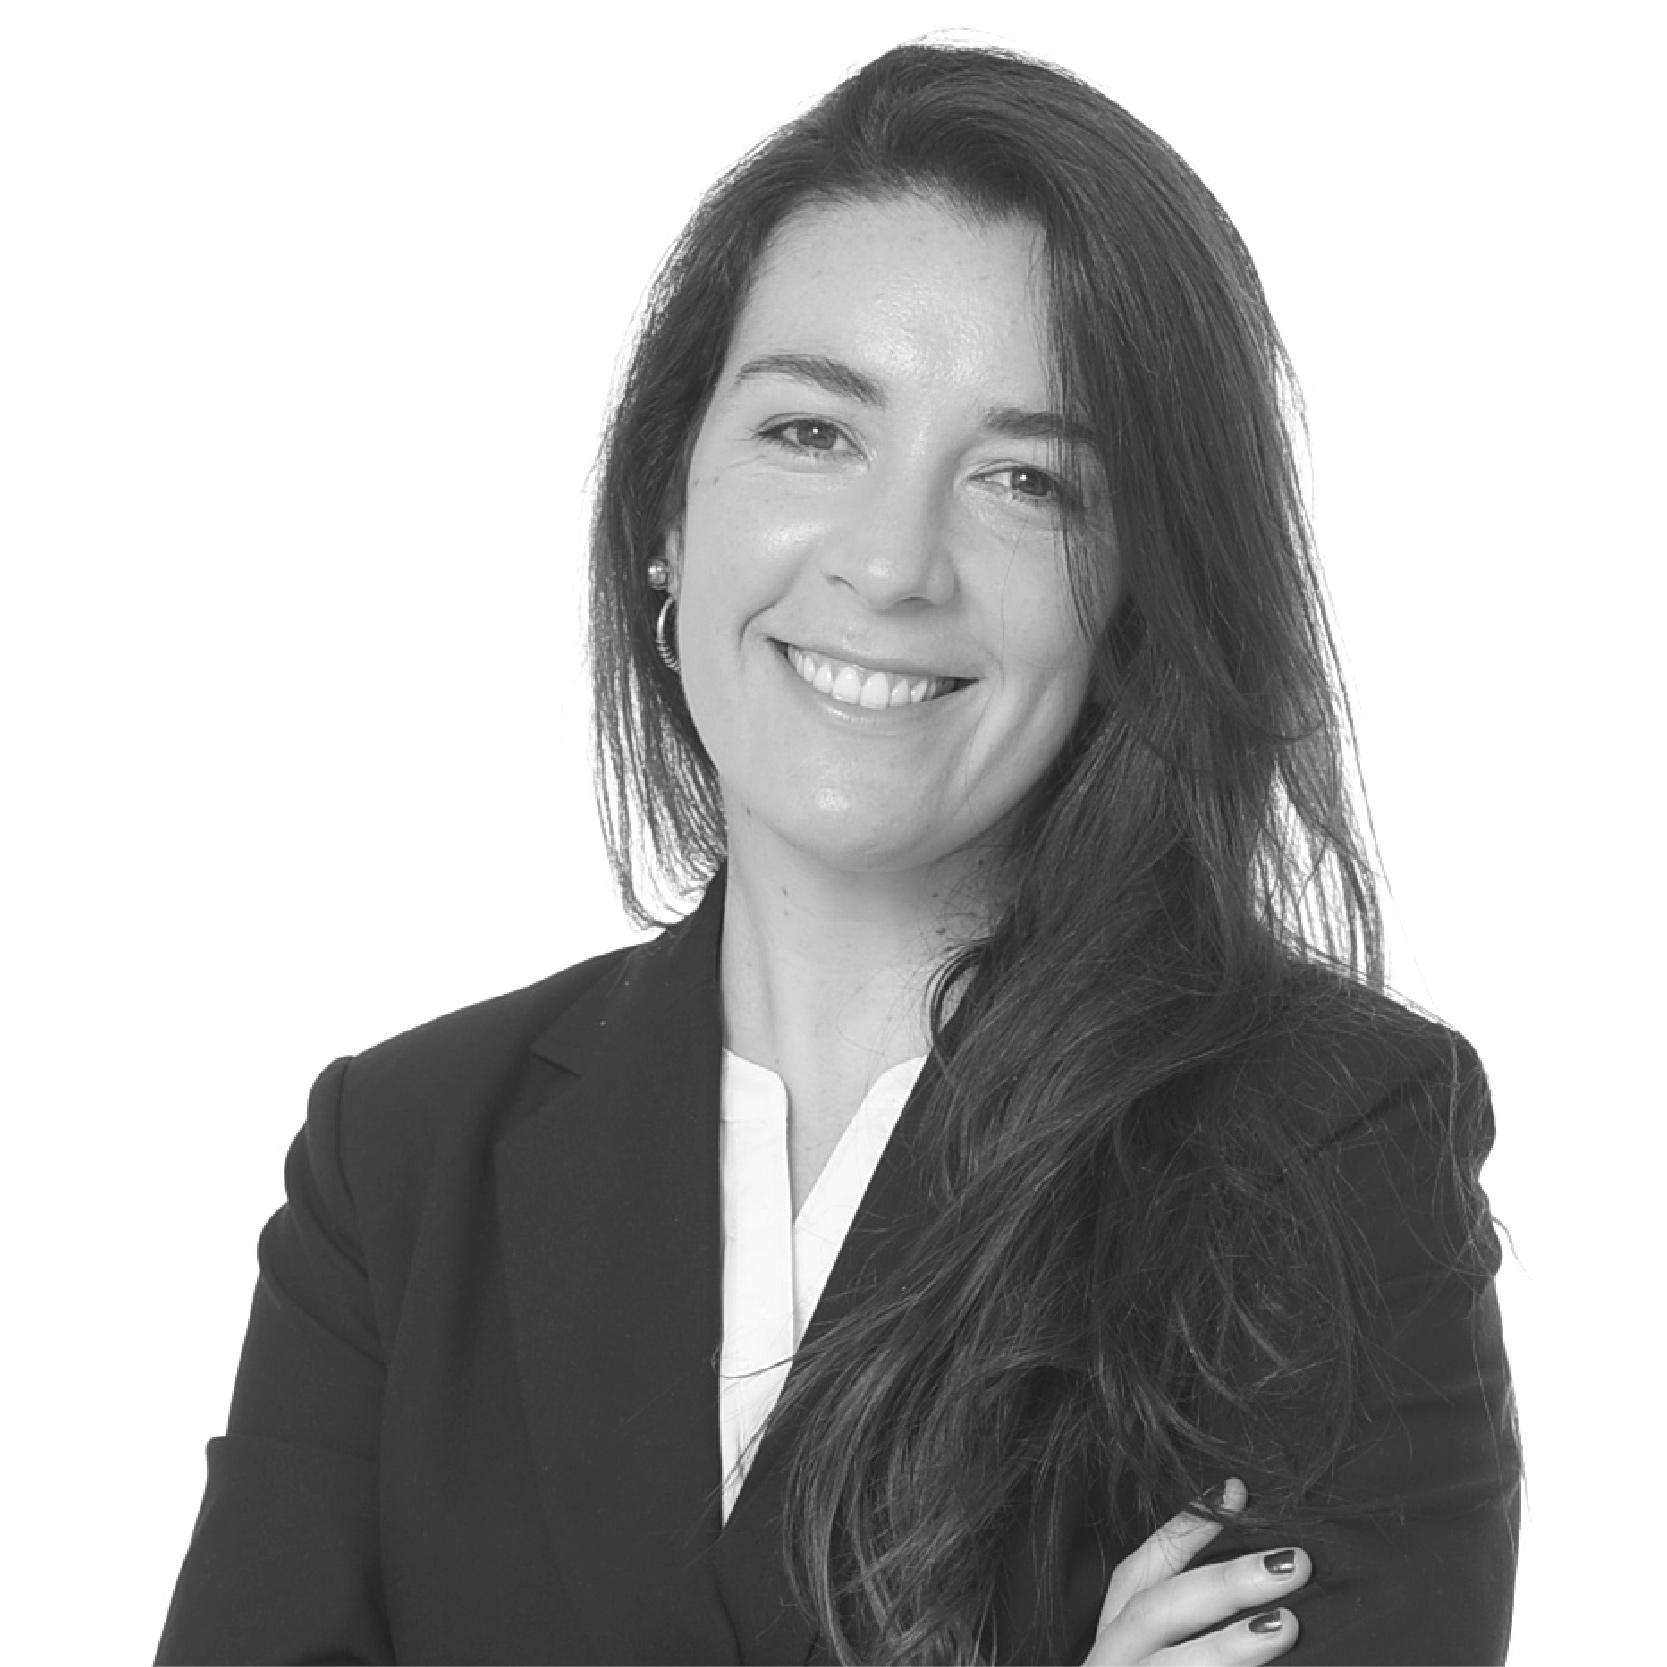 Daniela Kanowsky